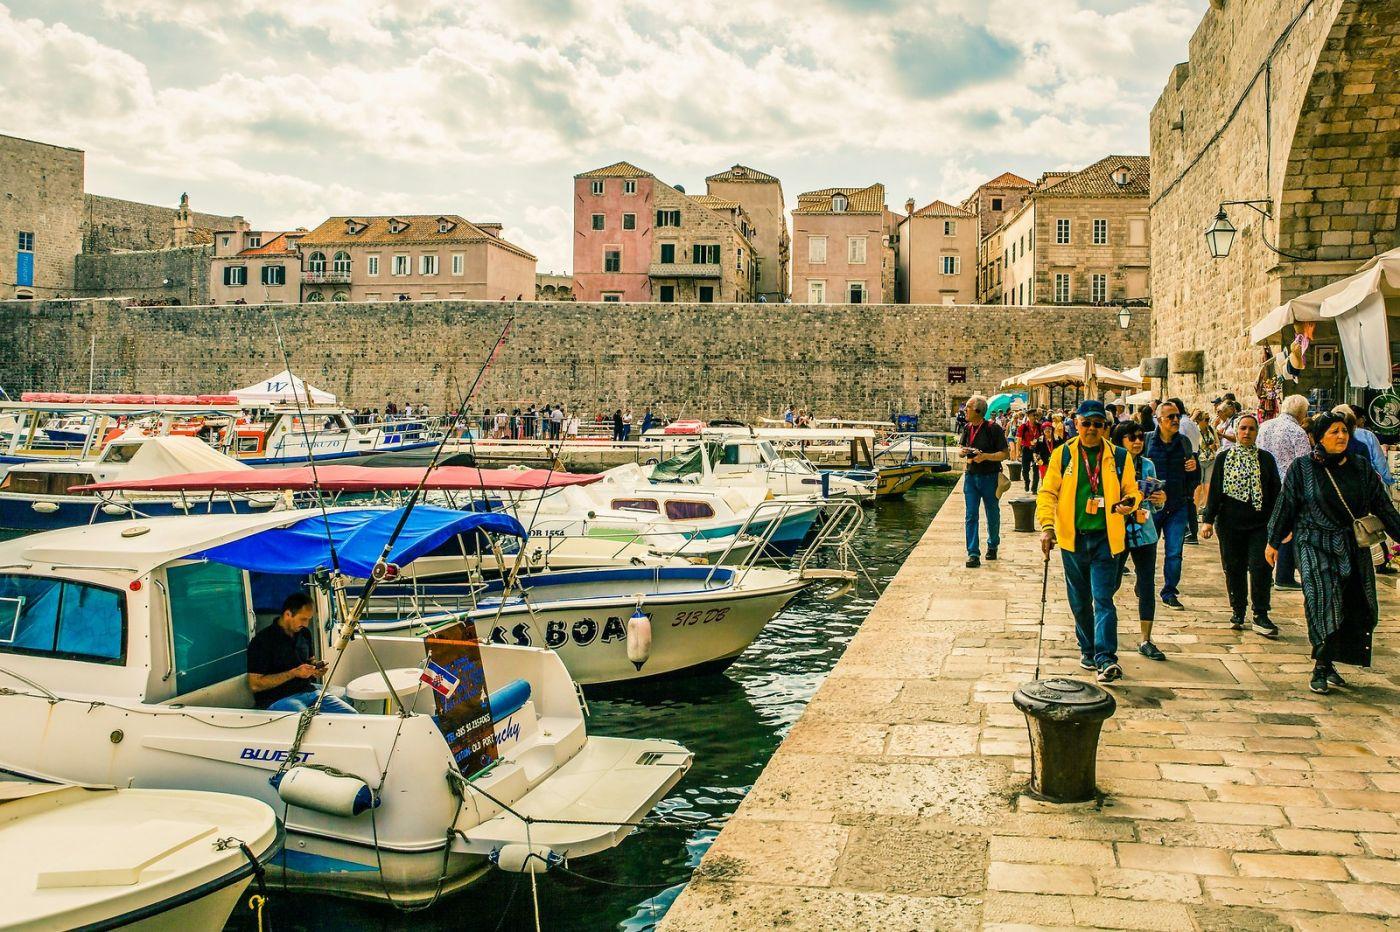 克罗地亚杜布罗夫尼克(Dubrovnik),古城小巷_图1-23